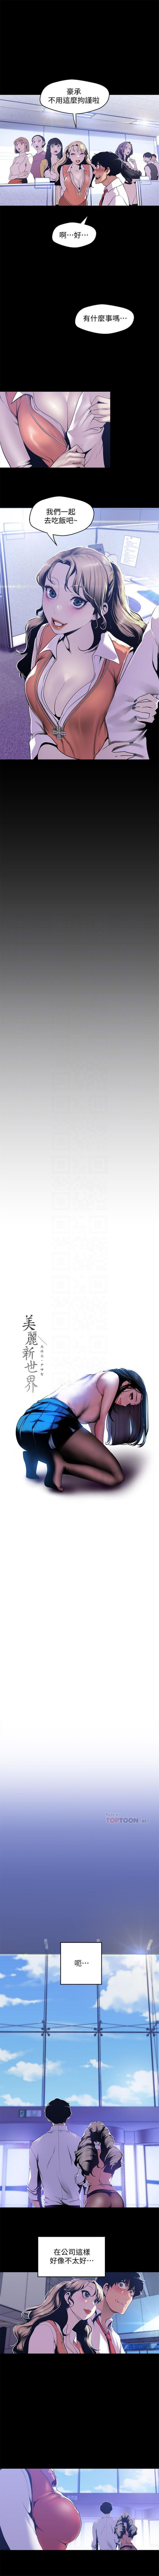 (週1)美麗新世界 1-76 中文翻譯 (更新中) 578